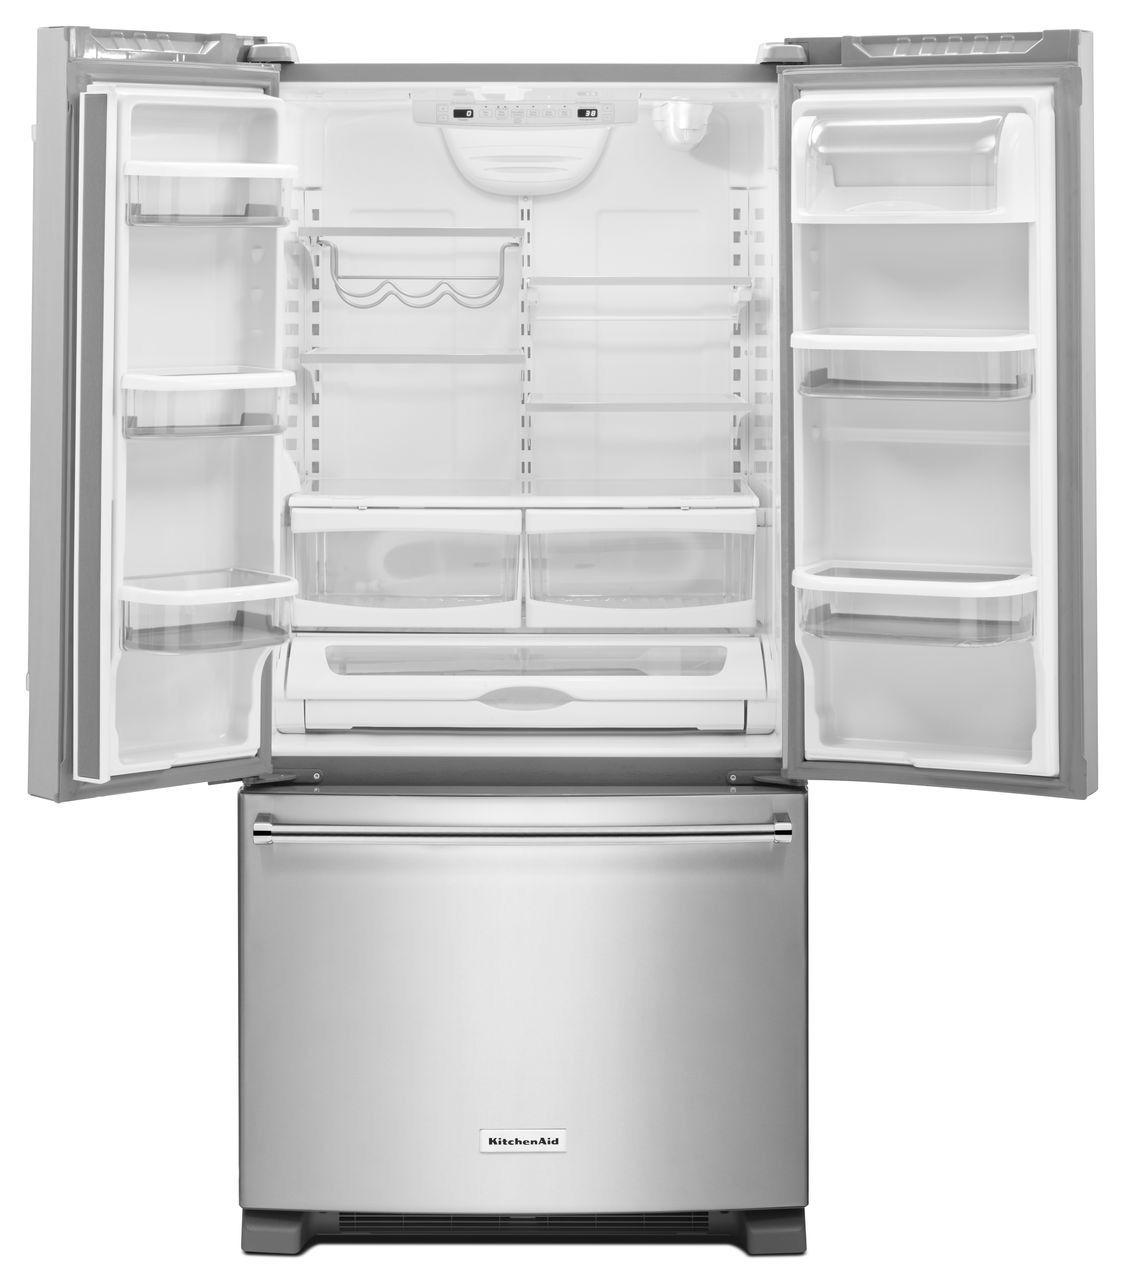 KitchenAid French Door Refrigerator - KRFF302ESS